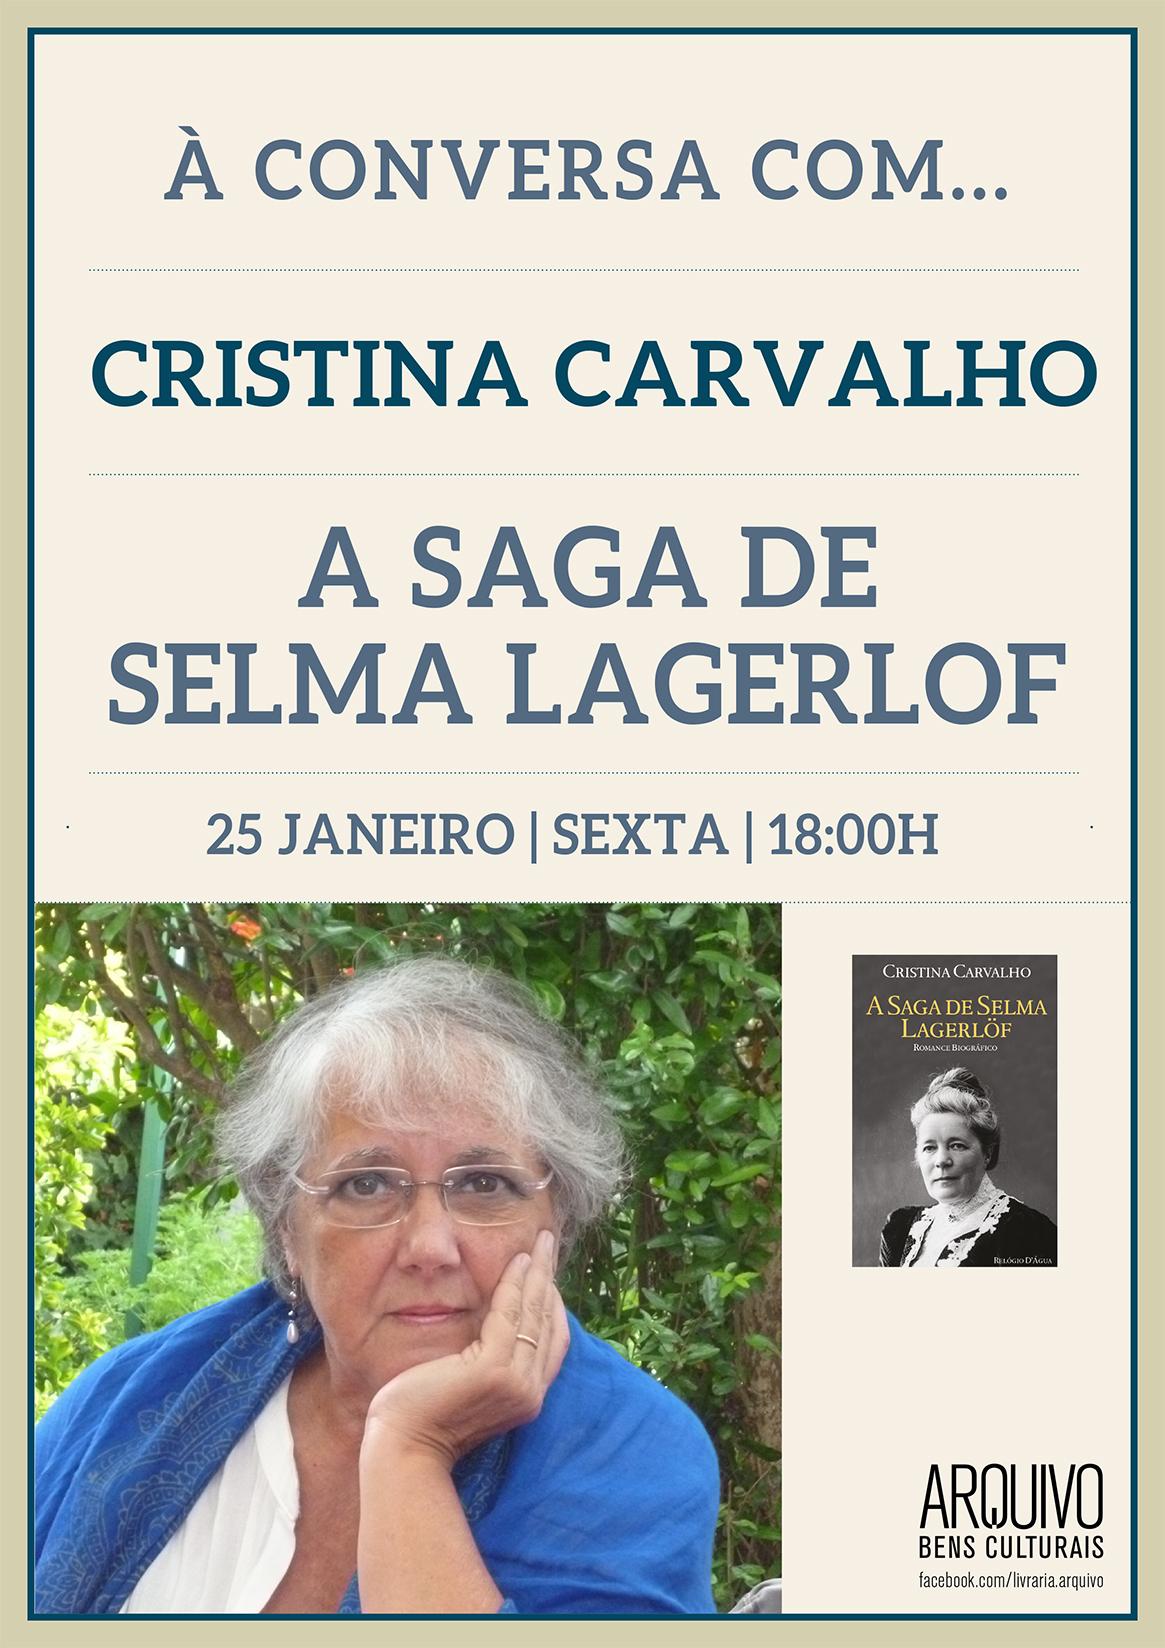 arquivo_AConversaCom2019_CRISTINA CARVALHO